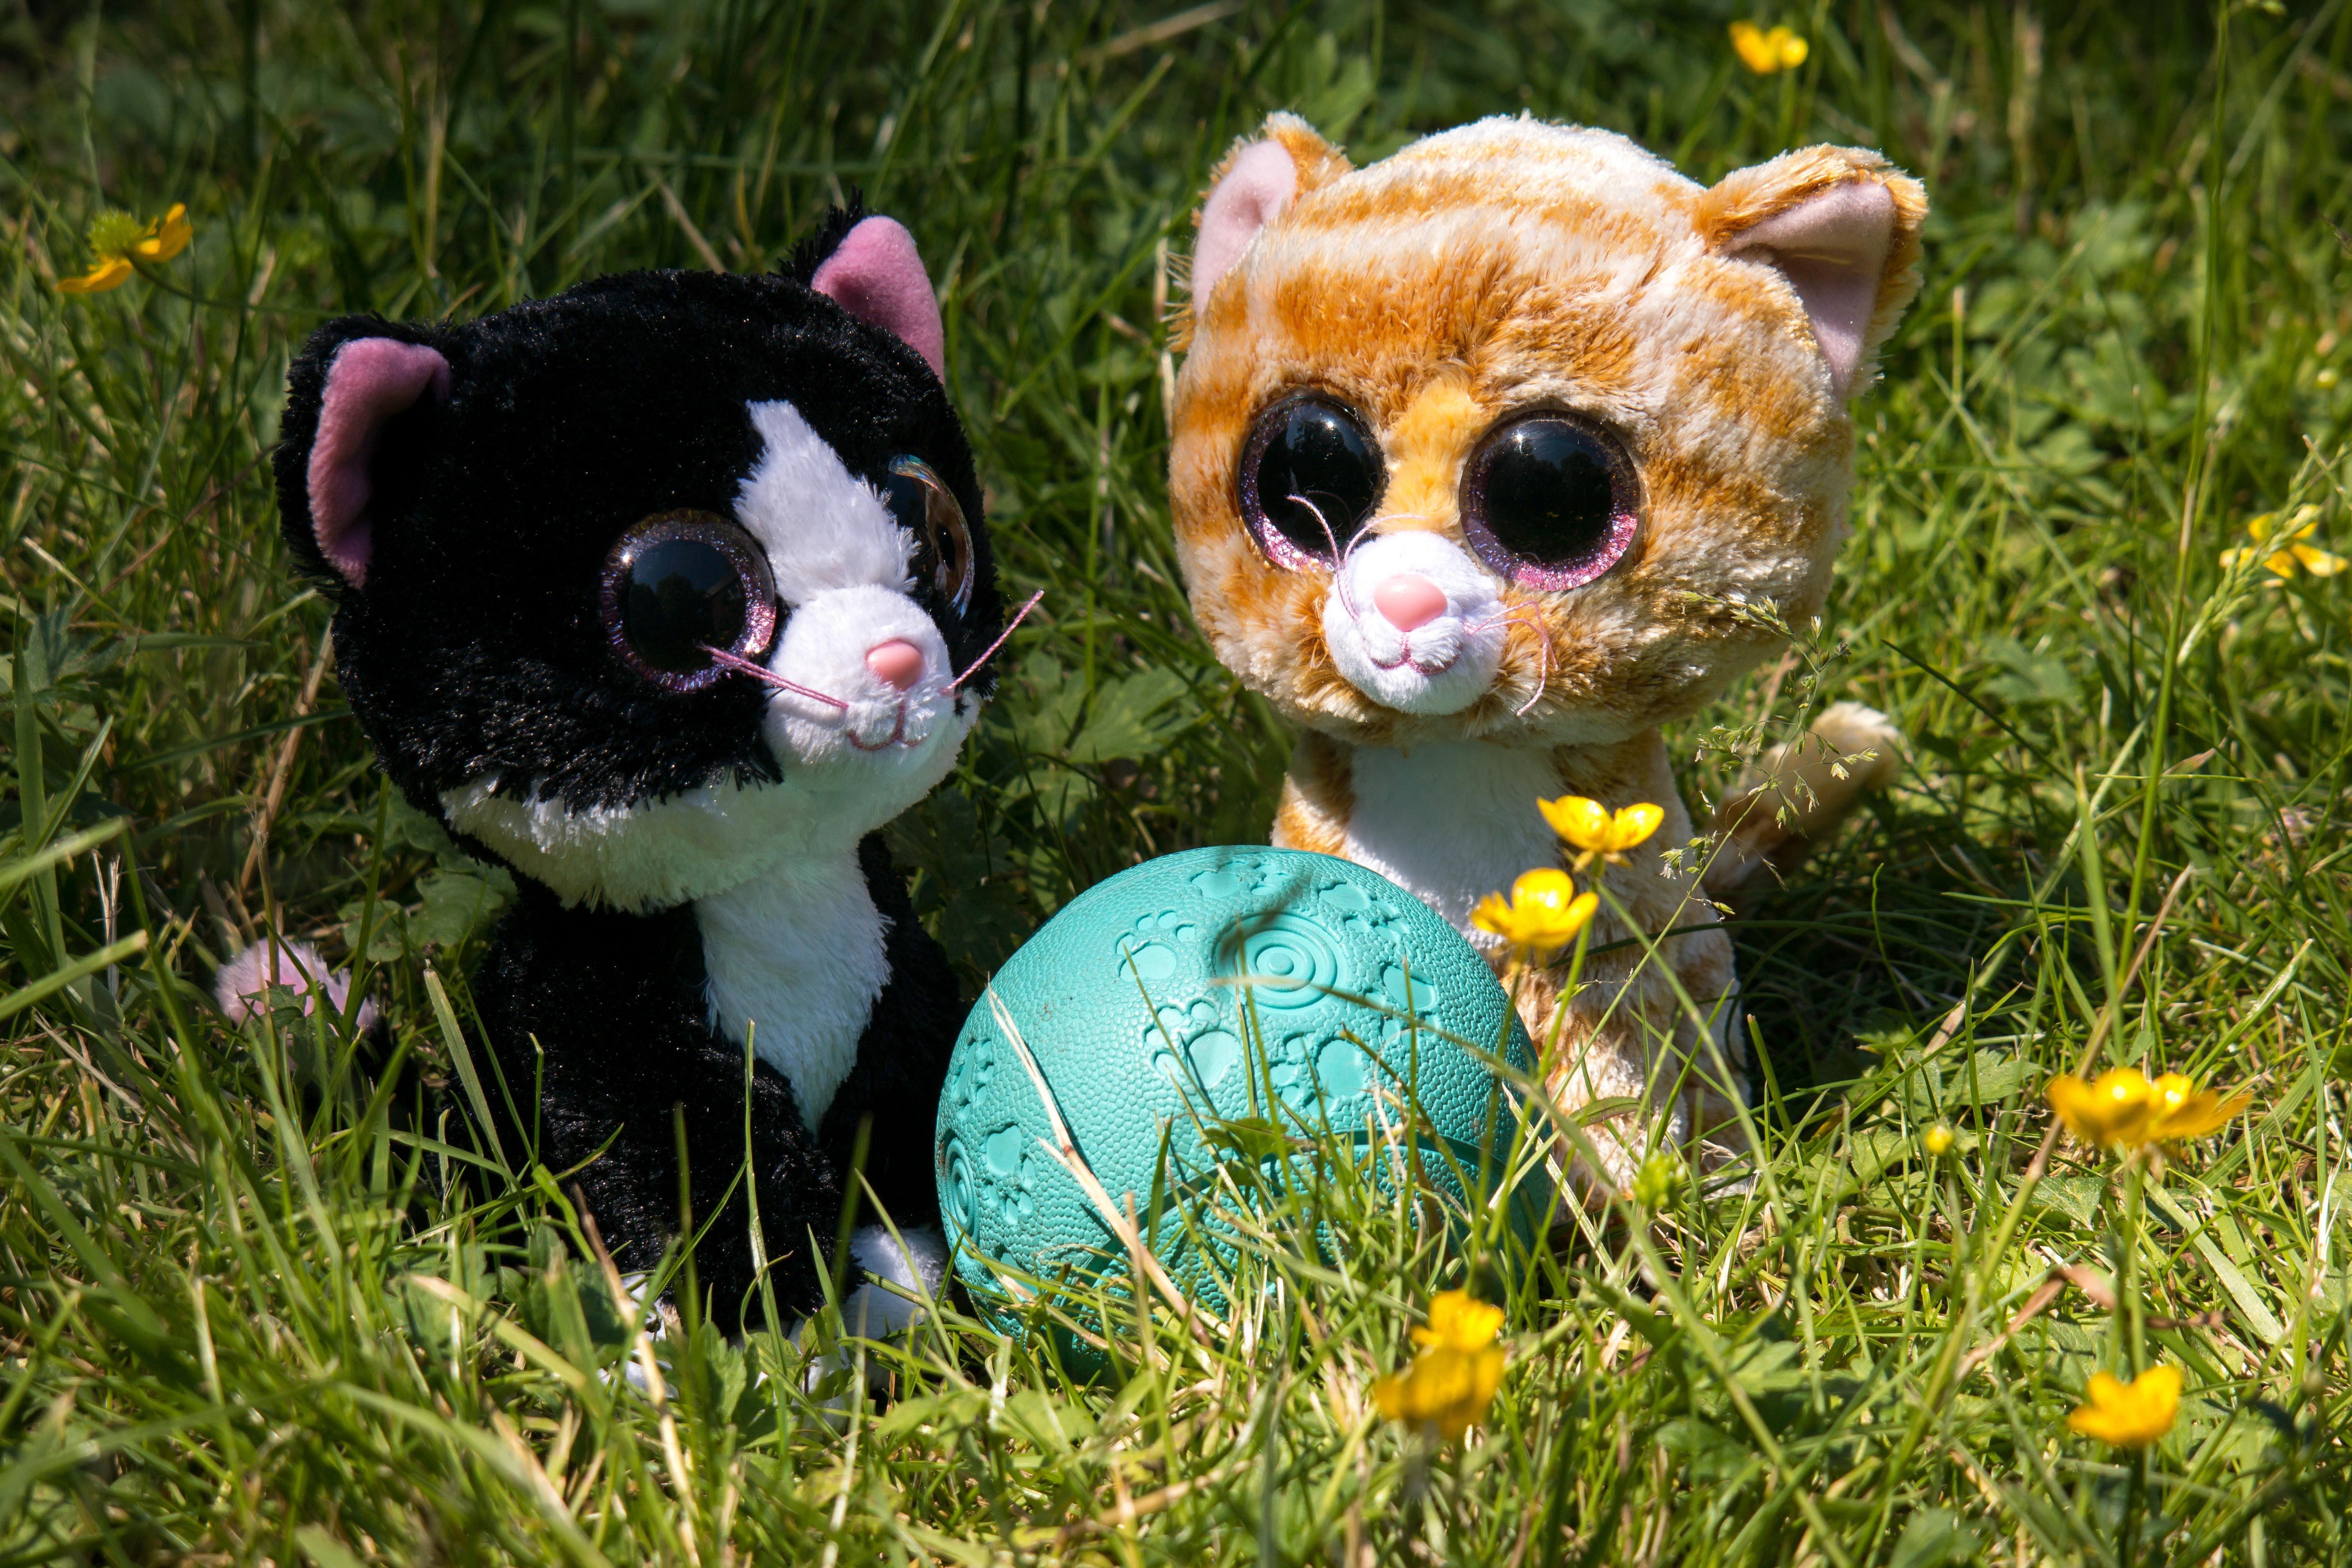 hình ảnh : đồng cỏ, hoa, cún yêu, dễ thương, Mèo con, con mèo, Động vật có vú, Đồ chơi, gấu bông, trái bóng, mềm mại, Vội vã, thú nhồi bông, ...